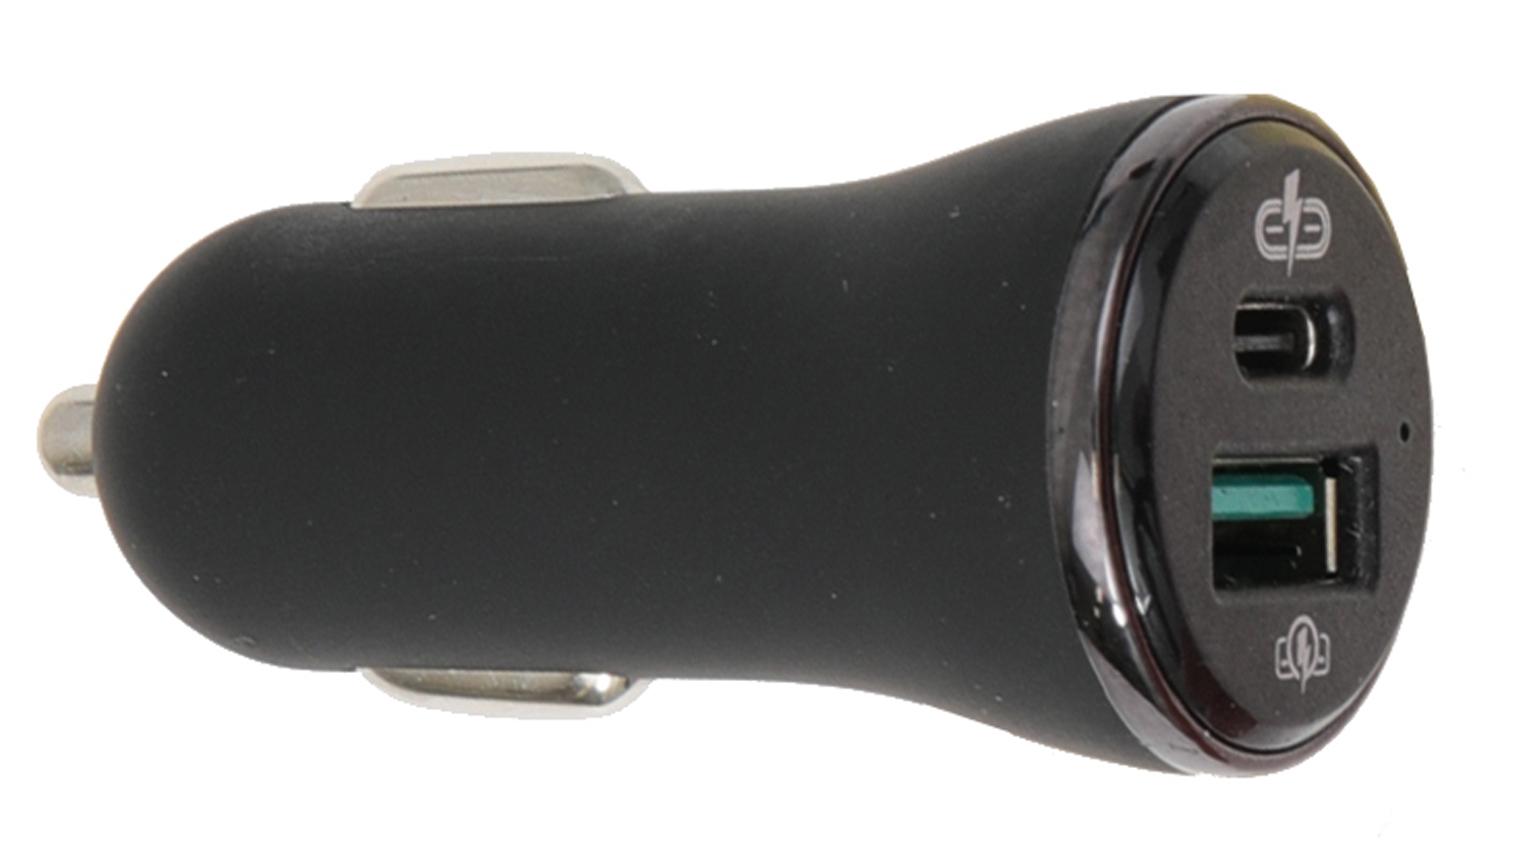 Cig-plug adapter